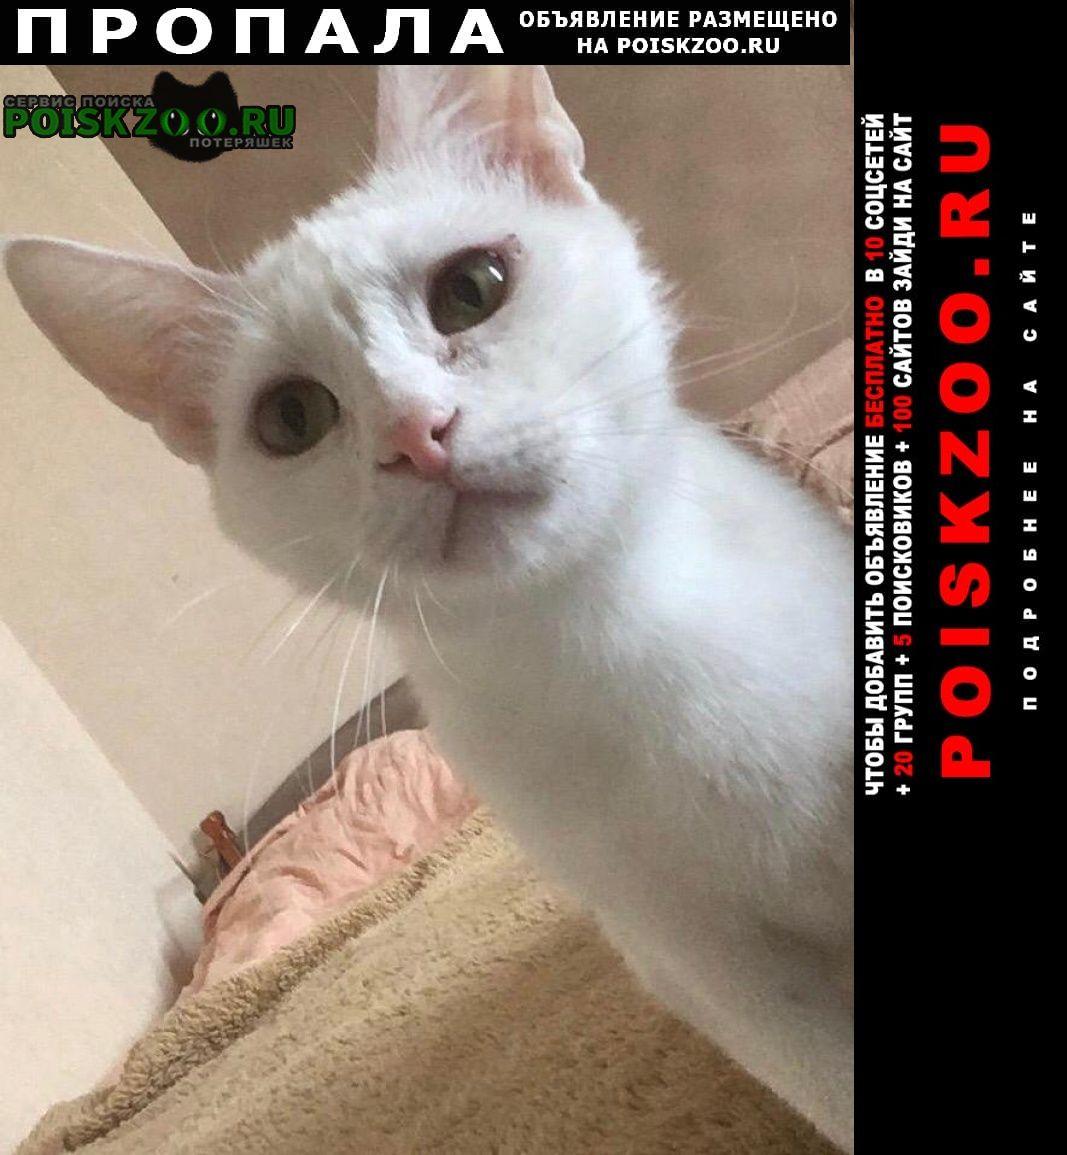 Пропала кошка белая можайский район моск Москва